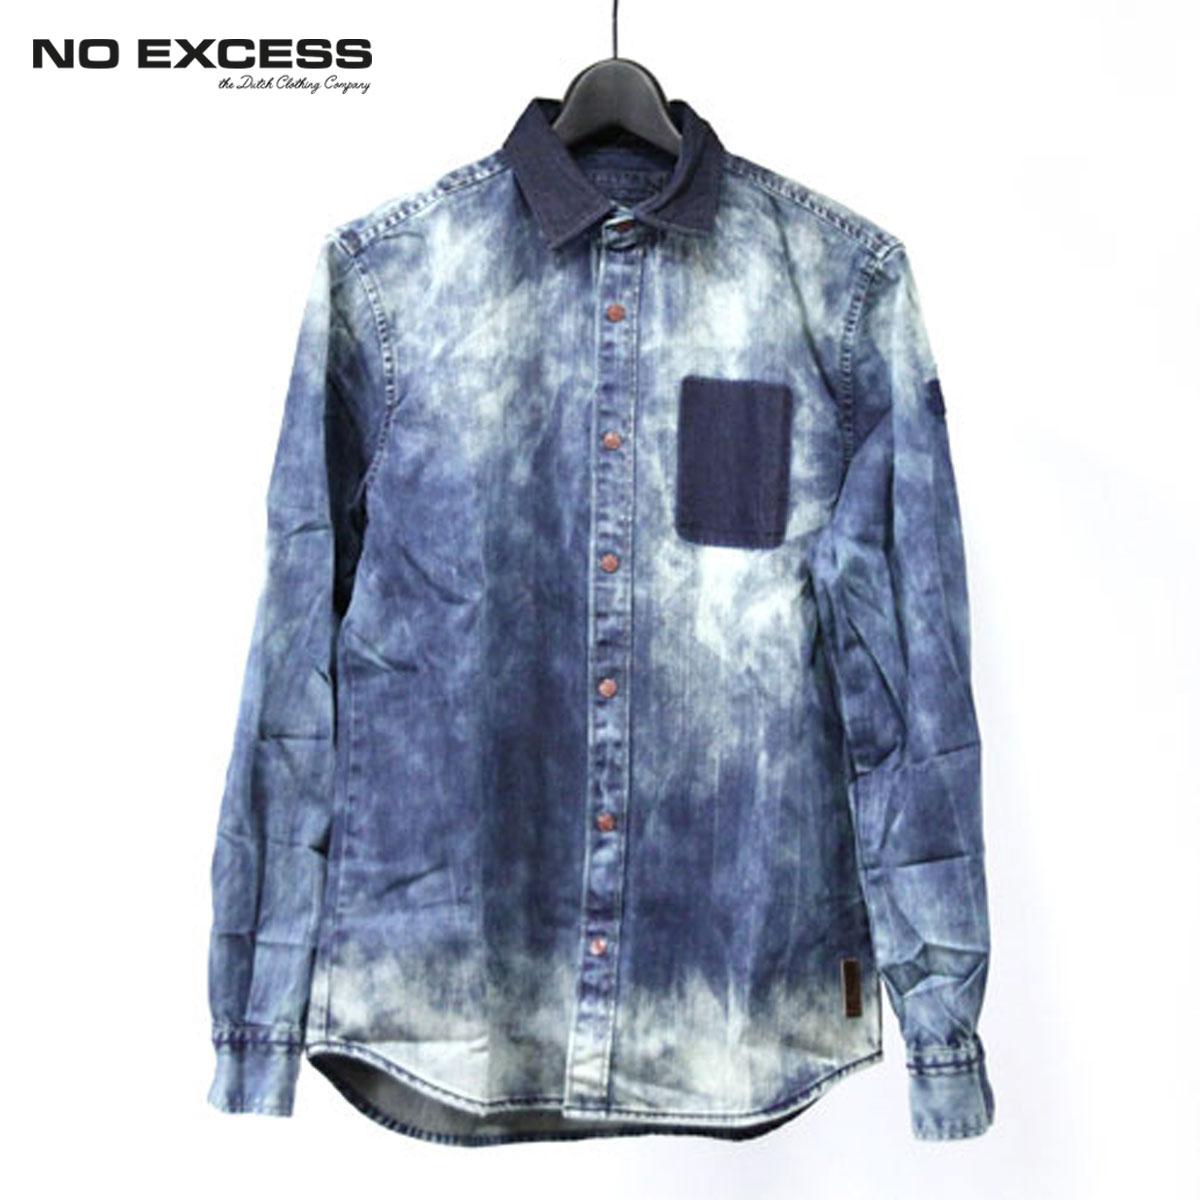 ノーエクセス NO EXCESS 正規販売店 メンズ 長袖シャツ Denim Shirts D15S25